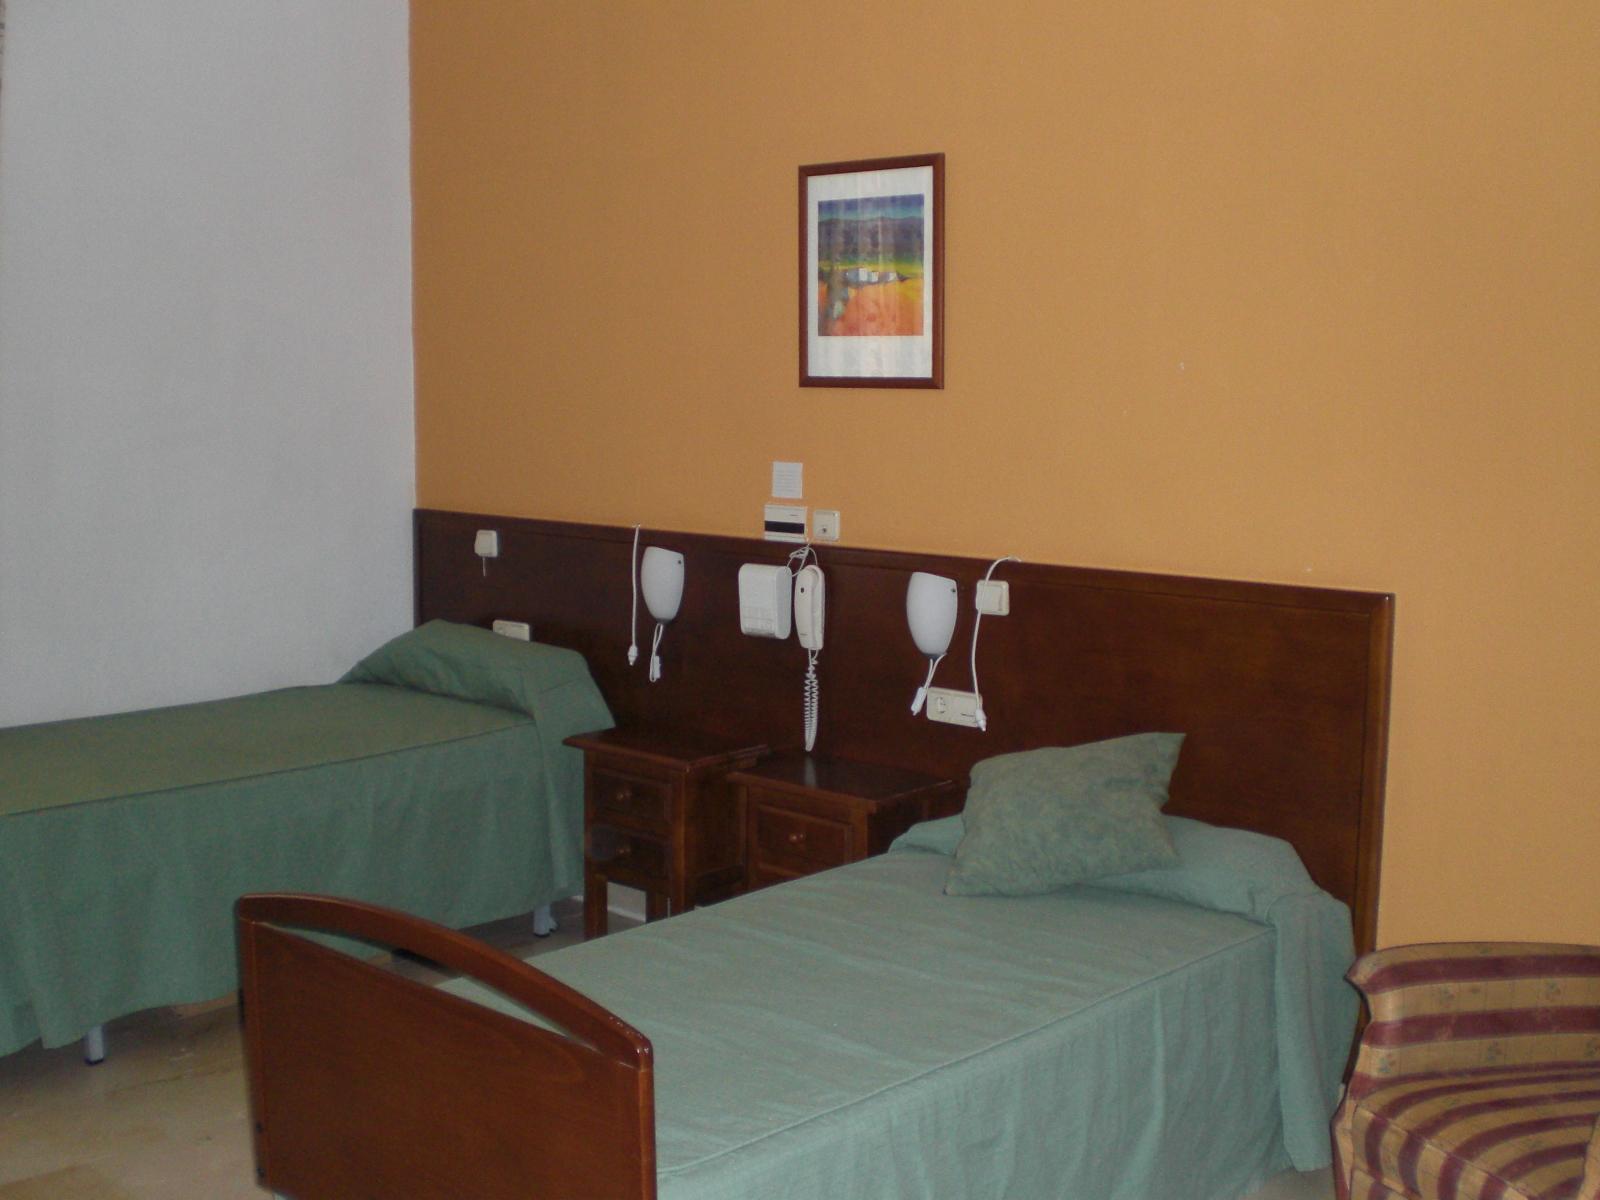 Residencia_Carabaña_Habitación_1